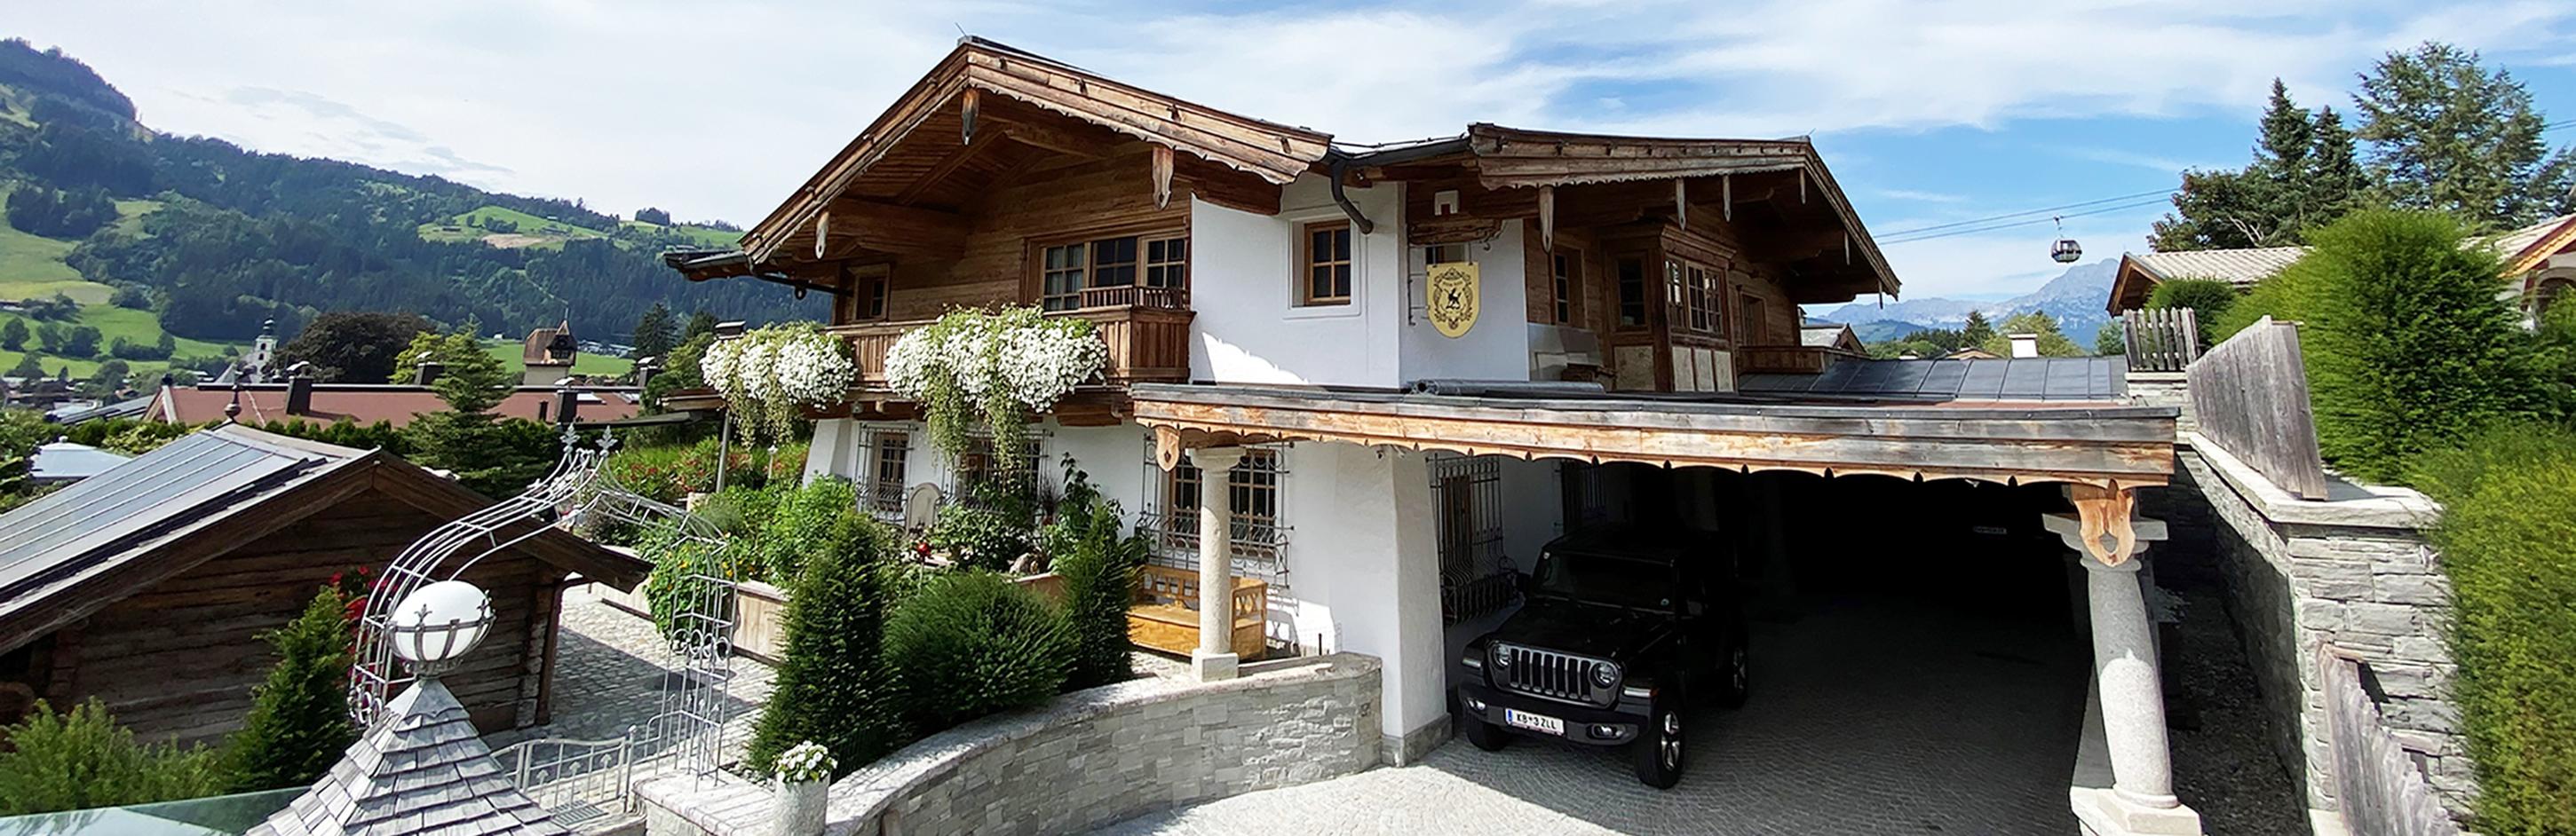 villa-kitz19